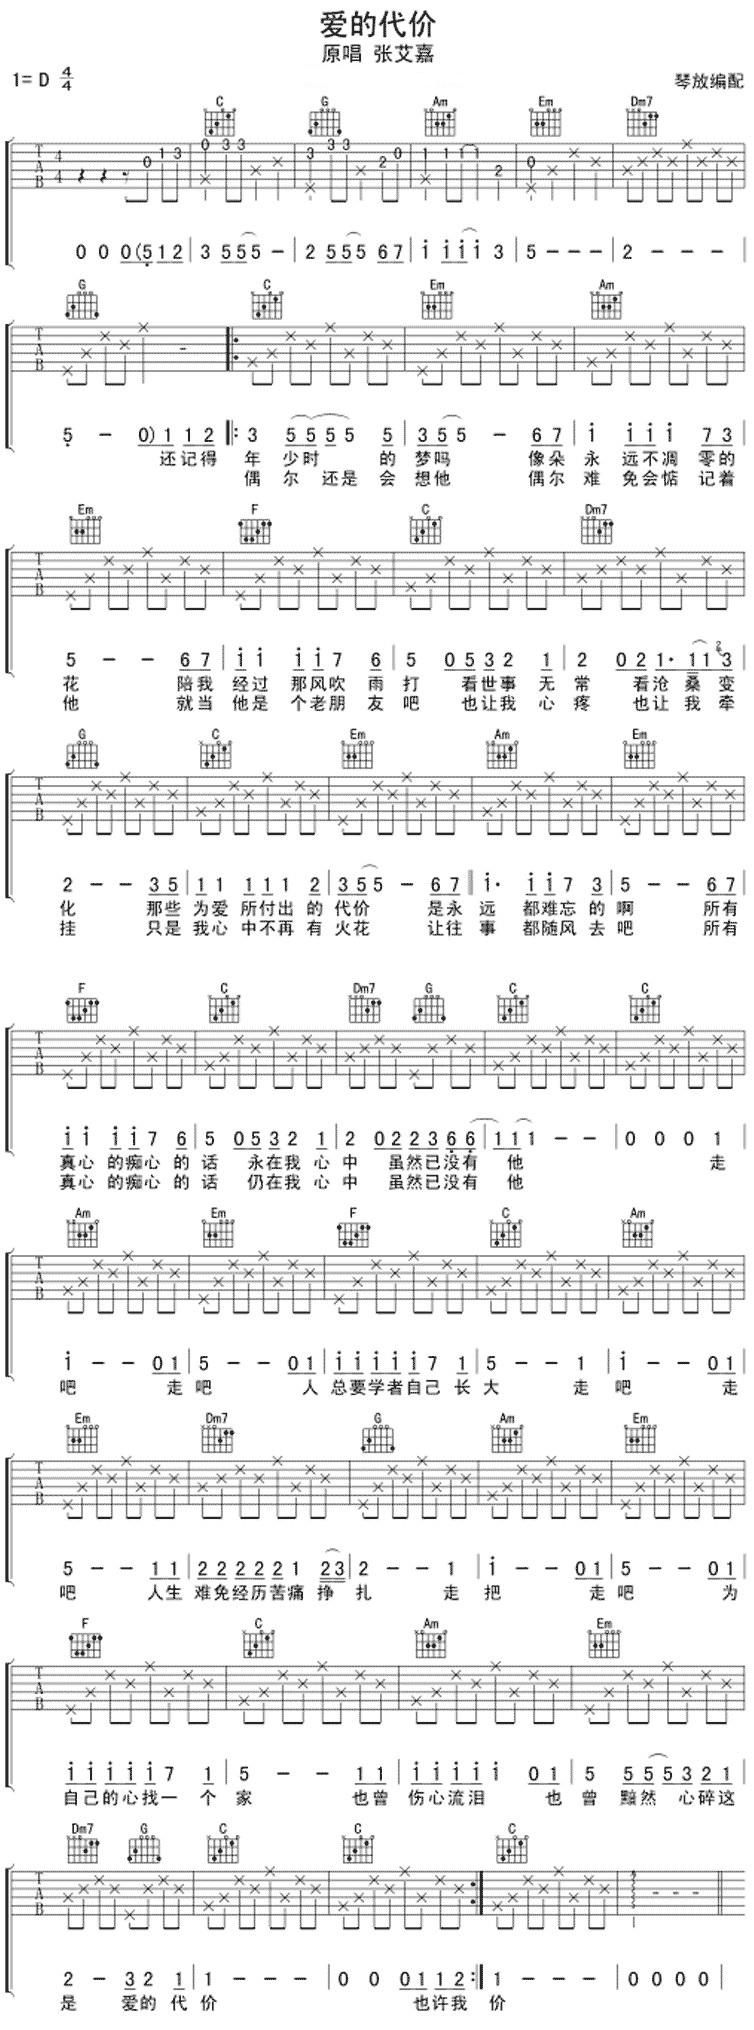 爱是对的歌谱-《爱的代价》是一首经典的华语老哥,由张艾嘉演唱,李宗盛填词作曲